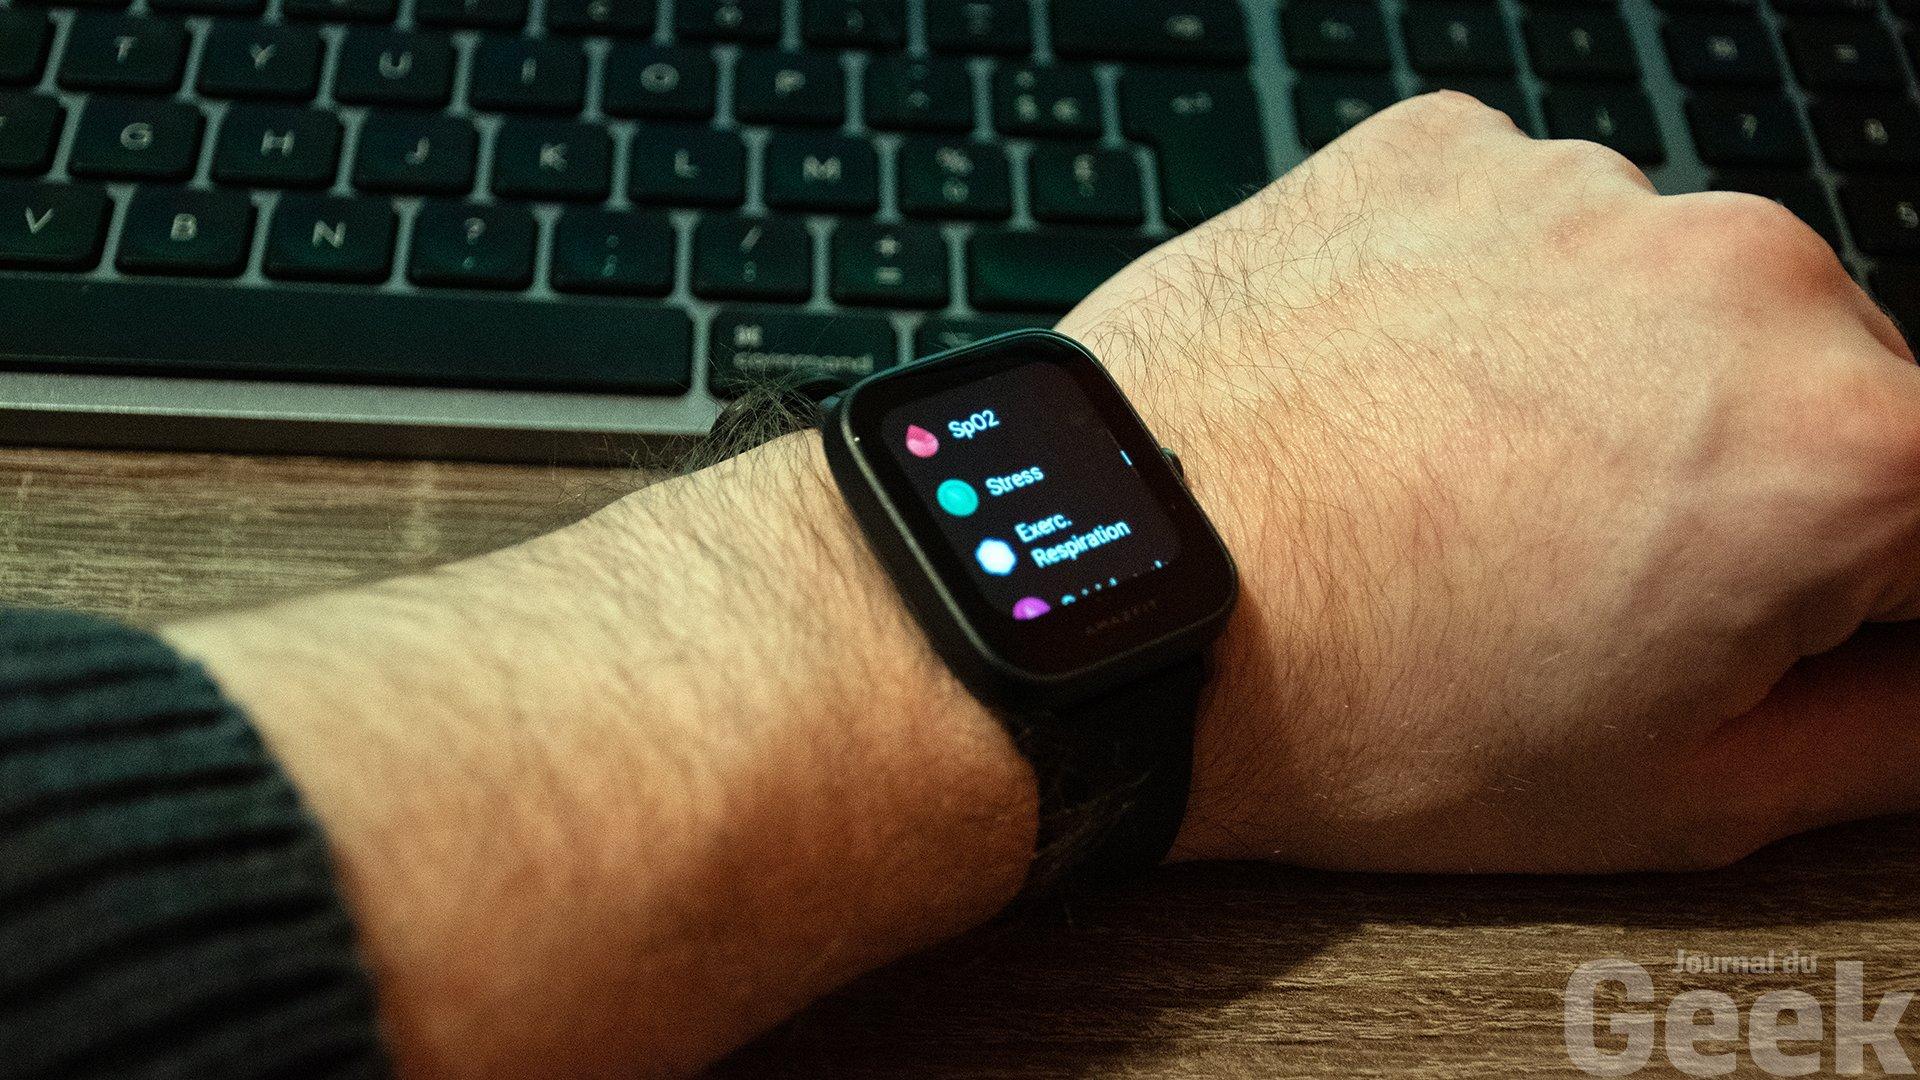 La montre connectée Bip U d'Amazfit se dévoile dans notre test.